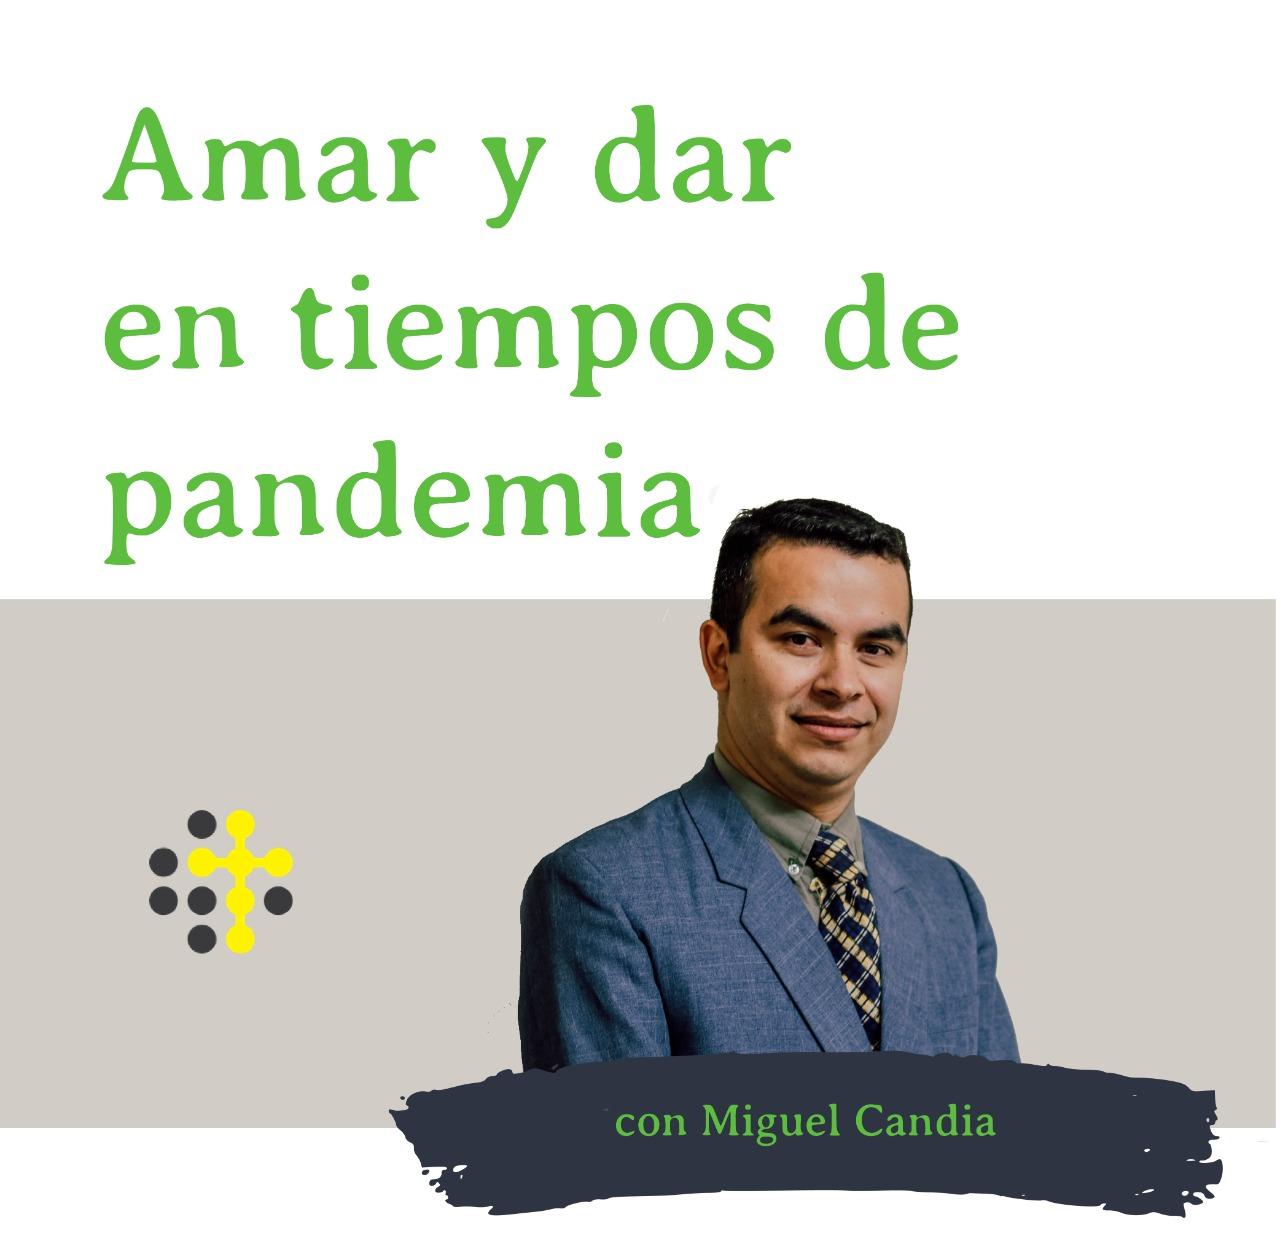 Amar y dar en tiempos de pandemia - Orador: Miguel Candia